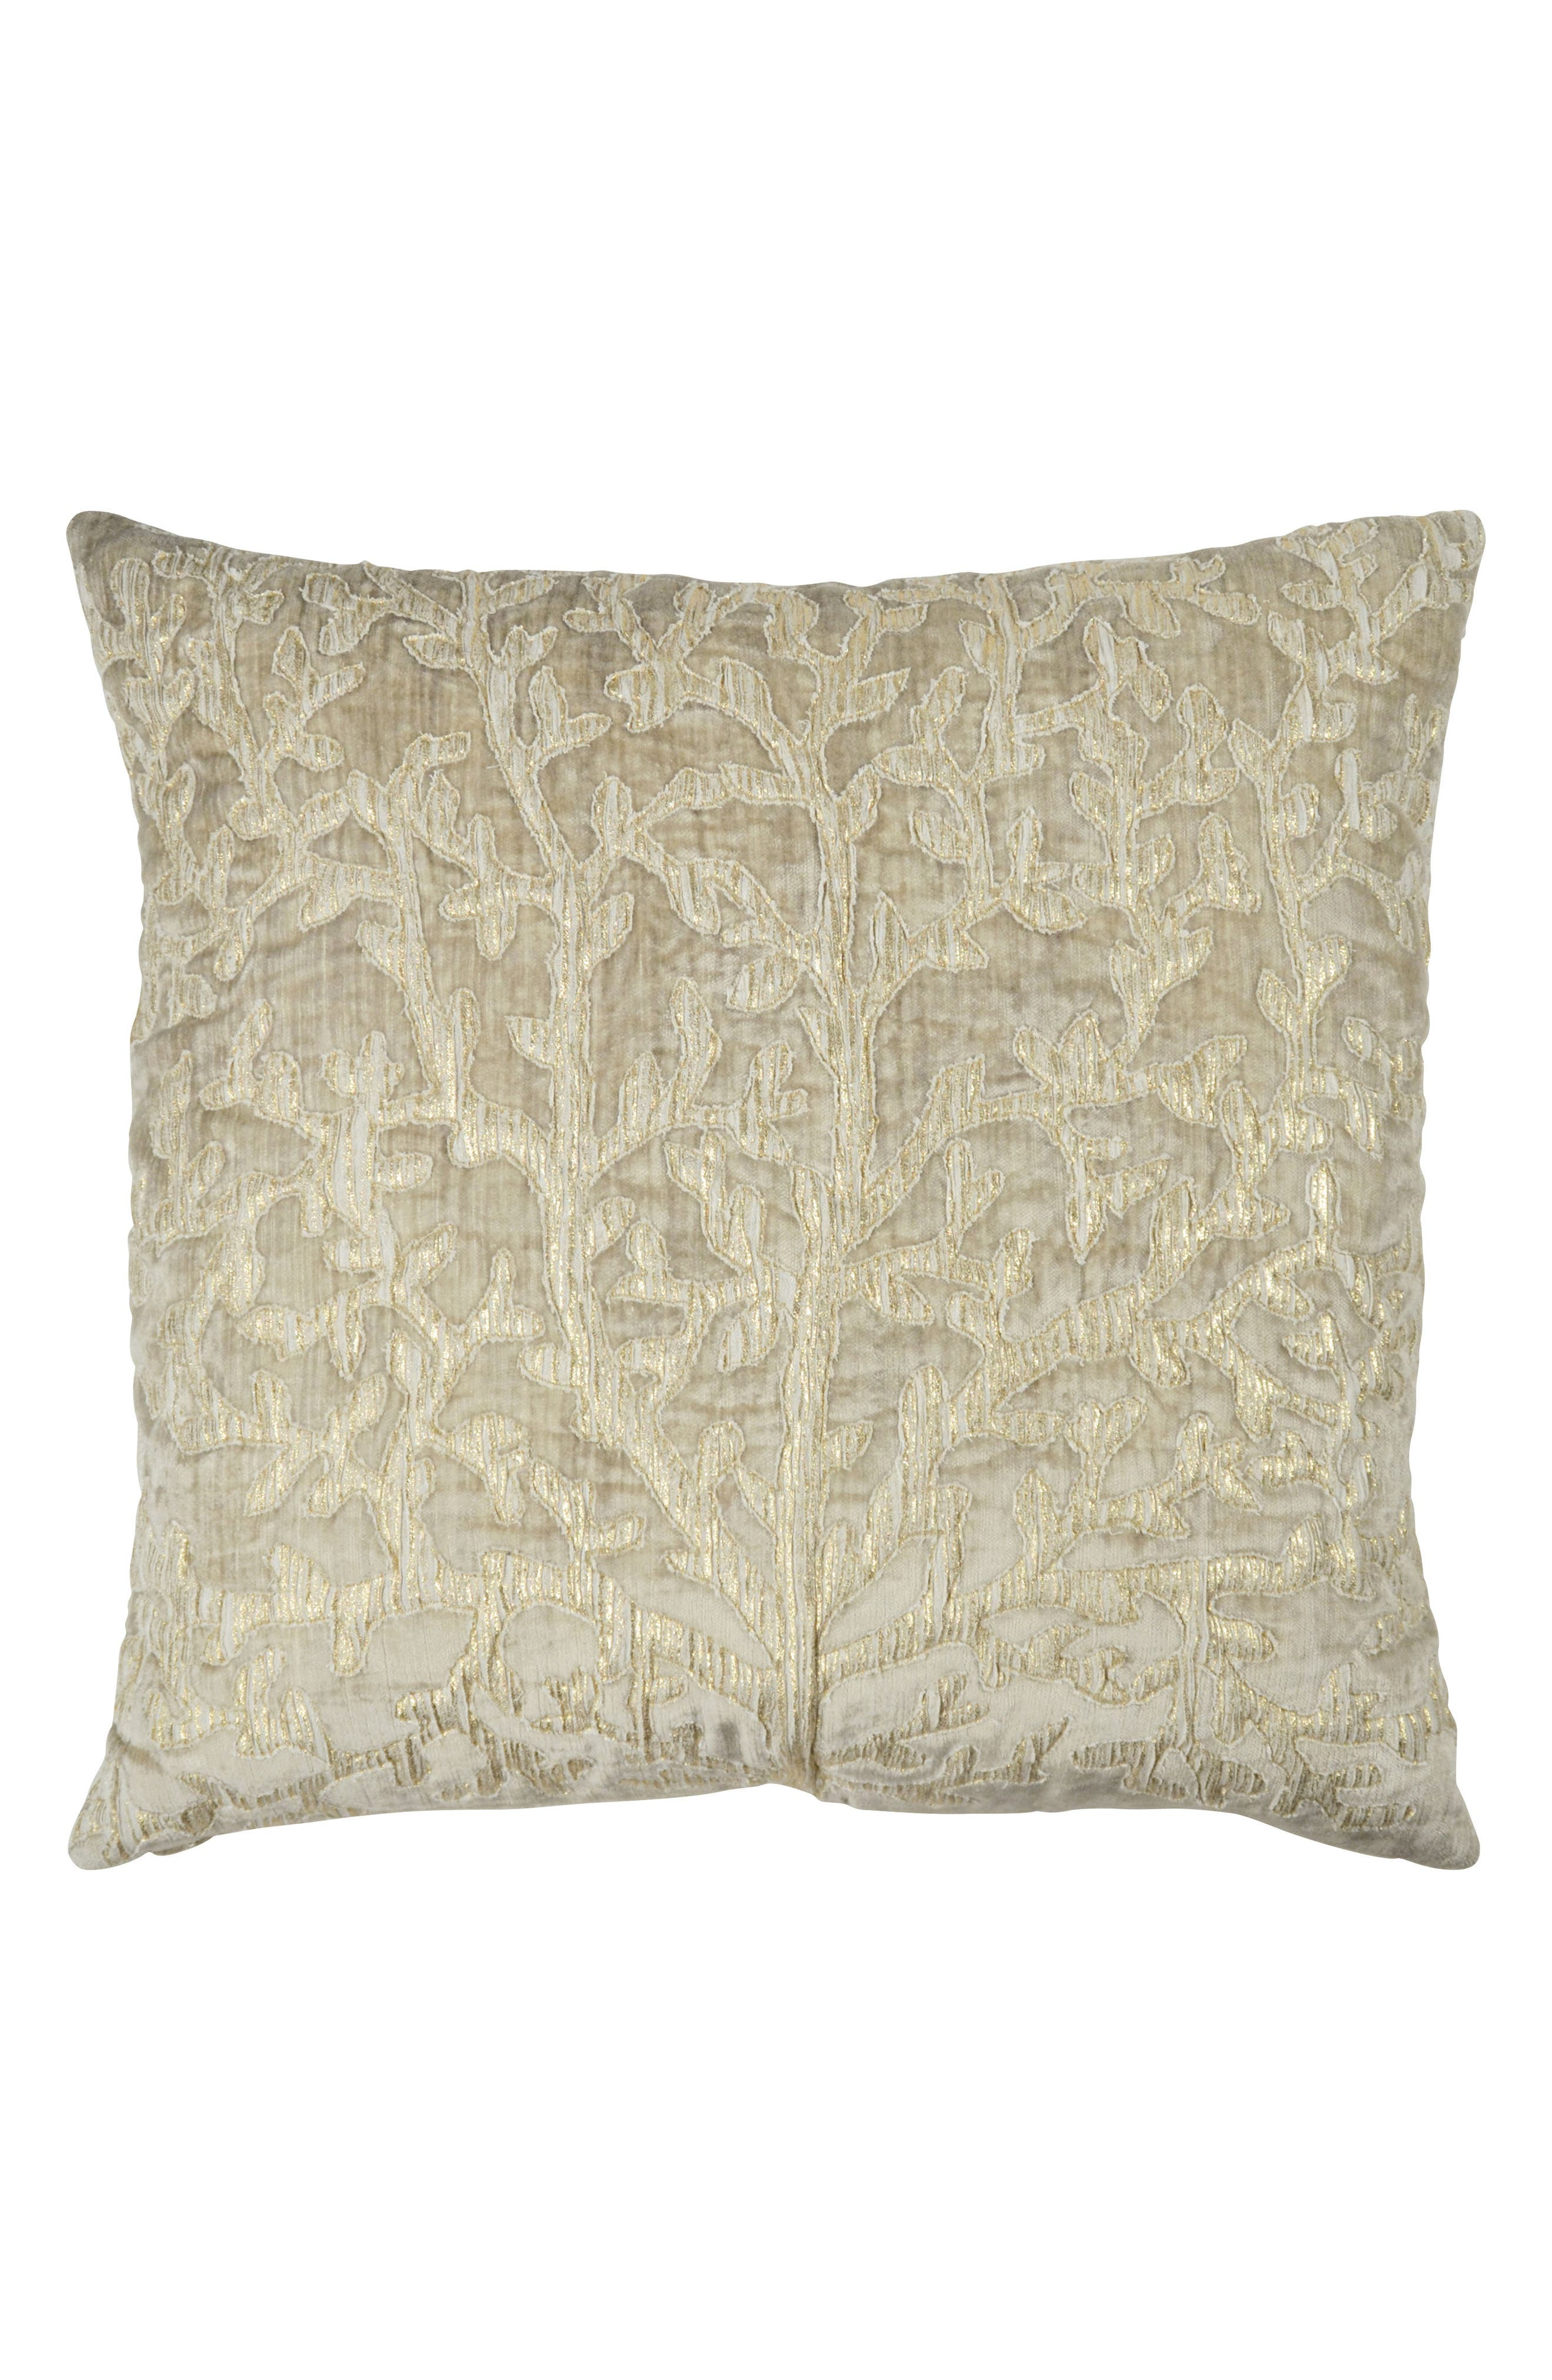 Tree of Life Appliqué Accent Pillow,                         Main,                         color, LINEN